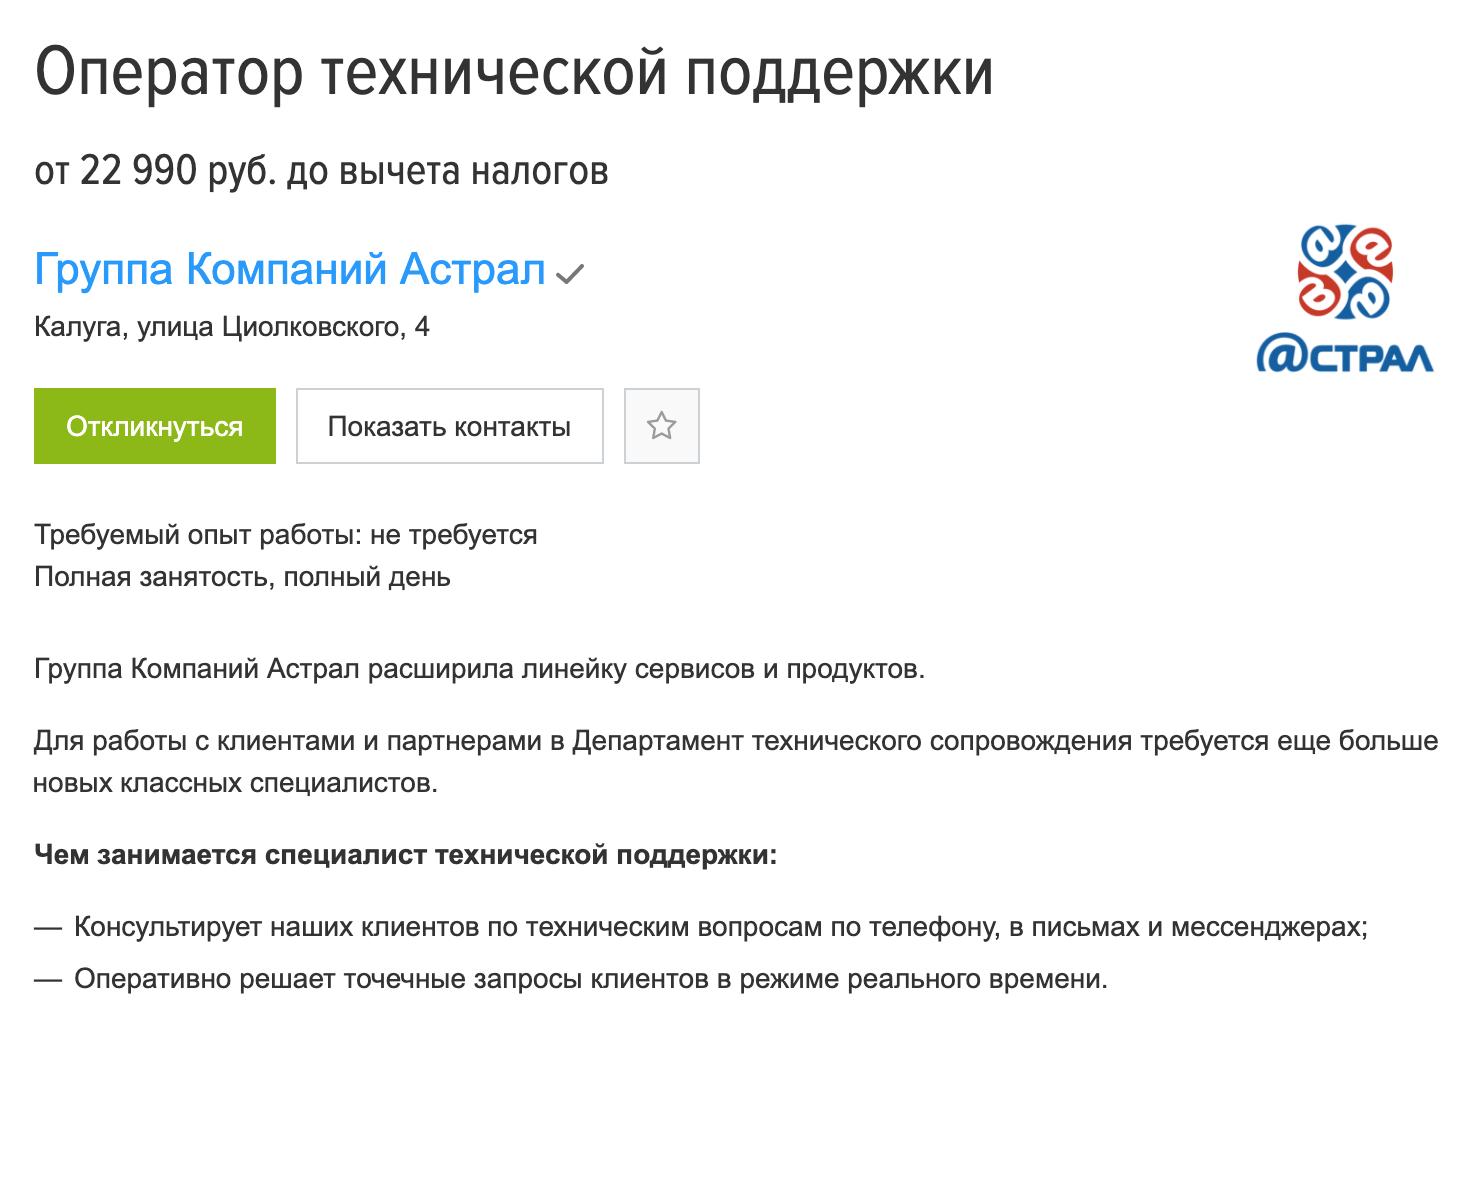 Настарте карьеры вИТ можно получать от22тысяч рублей. Если человек проявляет себя как хороший специалист, его могут продвинуть вотделы посерьезней